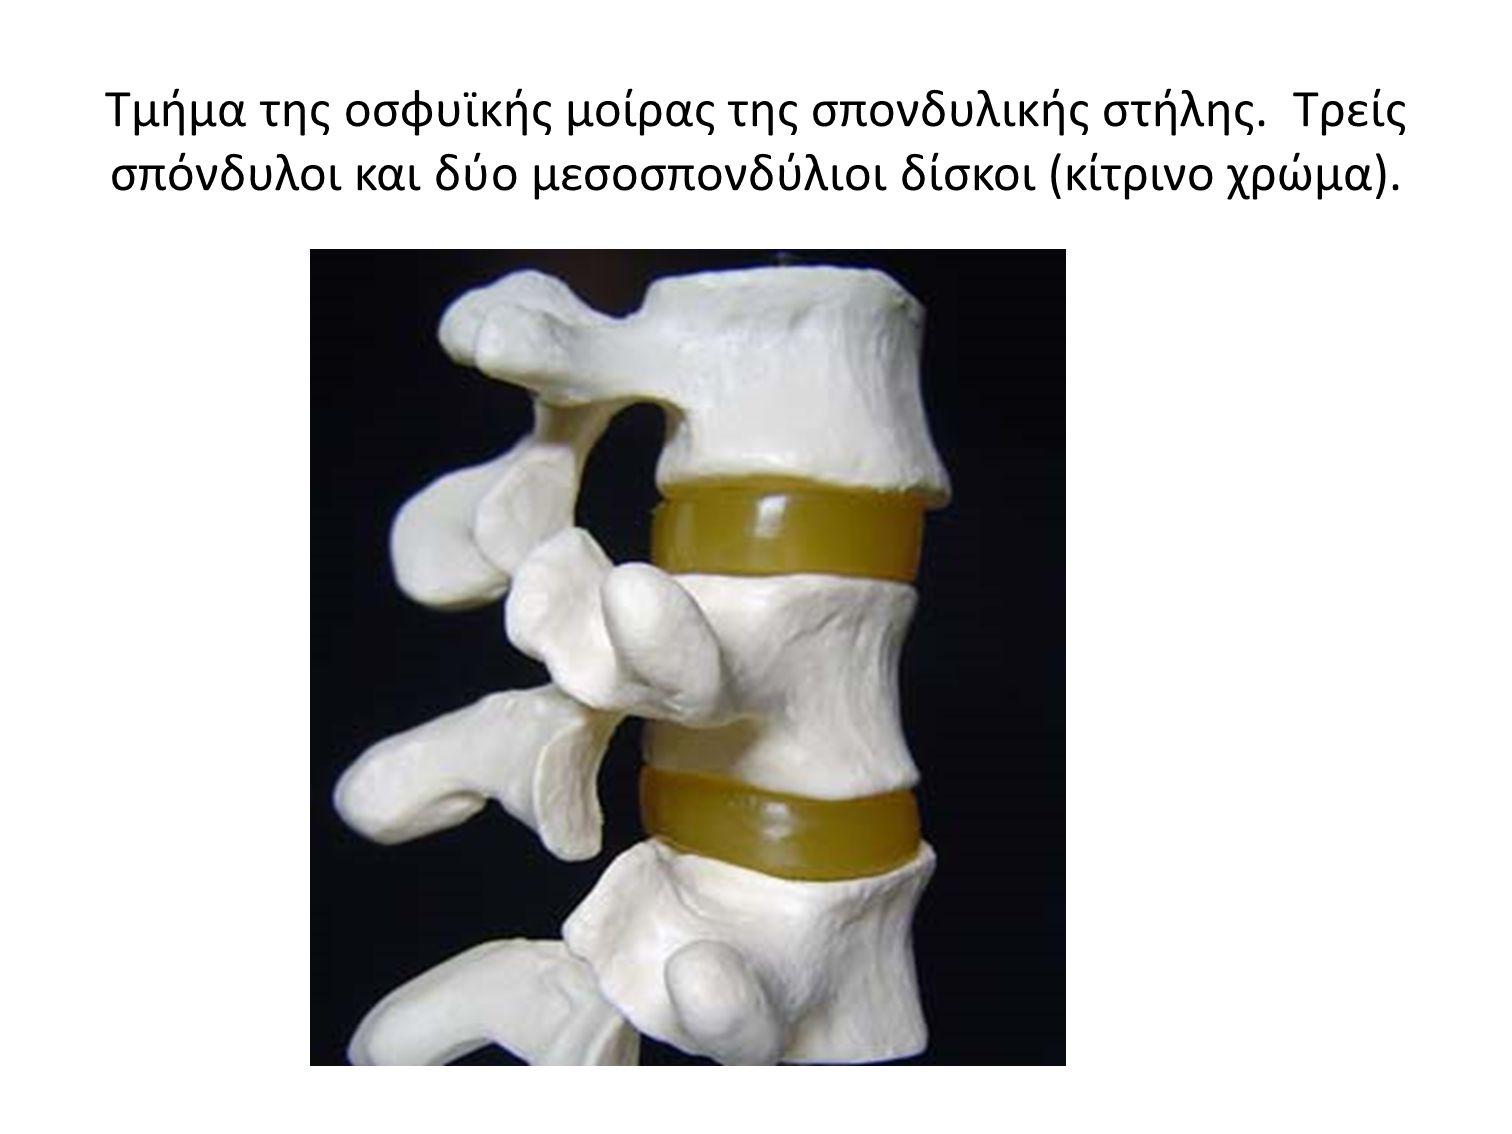 Τμήμα της οσφυϊκής μοίρας της σπονδυλικής στήλης